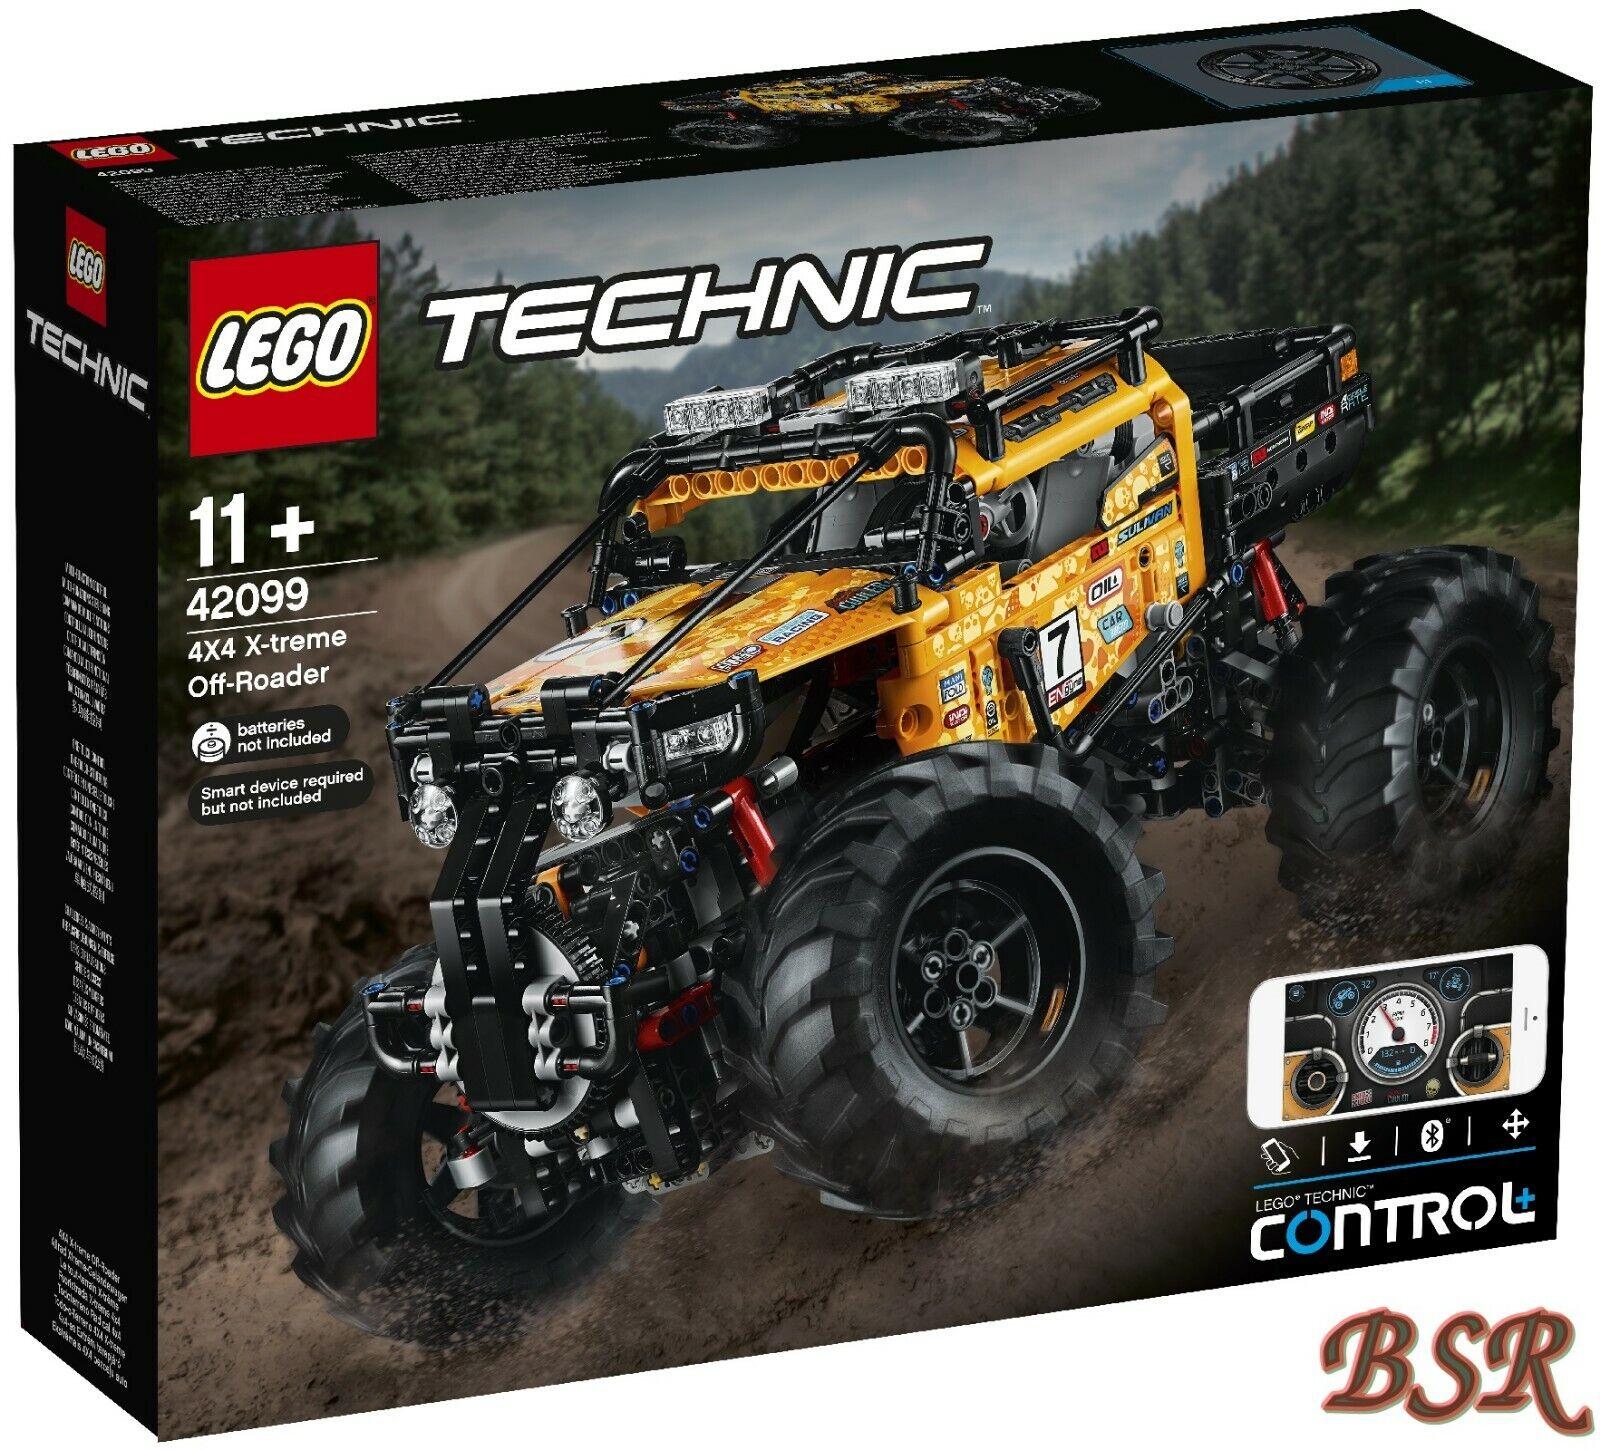 Offriamo vari marchi famosi LEGO ® tecnologia  42099 sagomate Xtreme-fuoristrada & NUOVO NUOVO NUOVO & OVP   la vostra soddisfazione è il nostro obiettivo